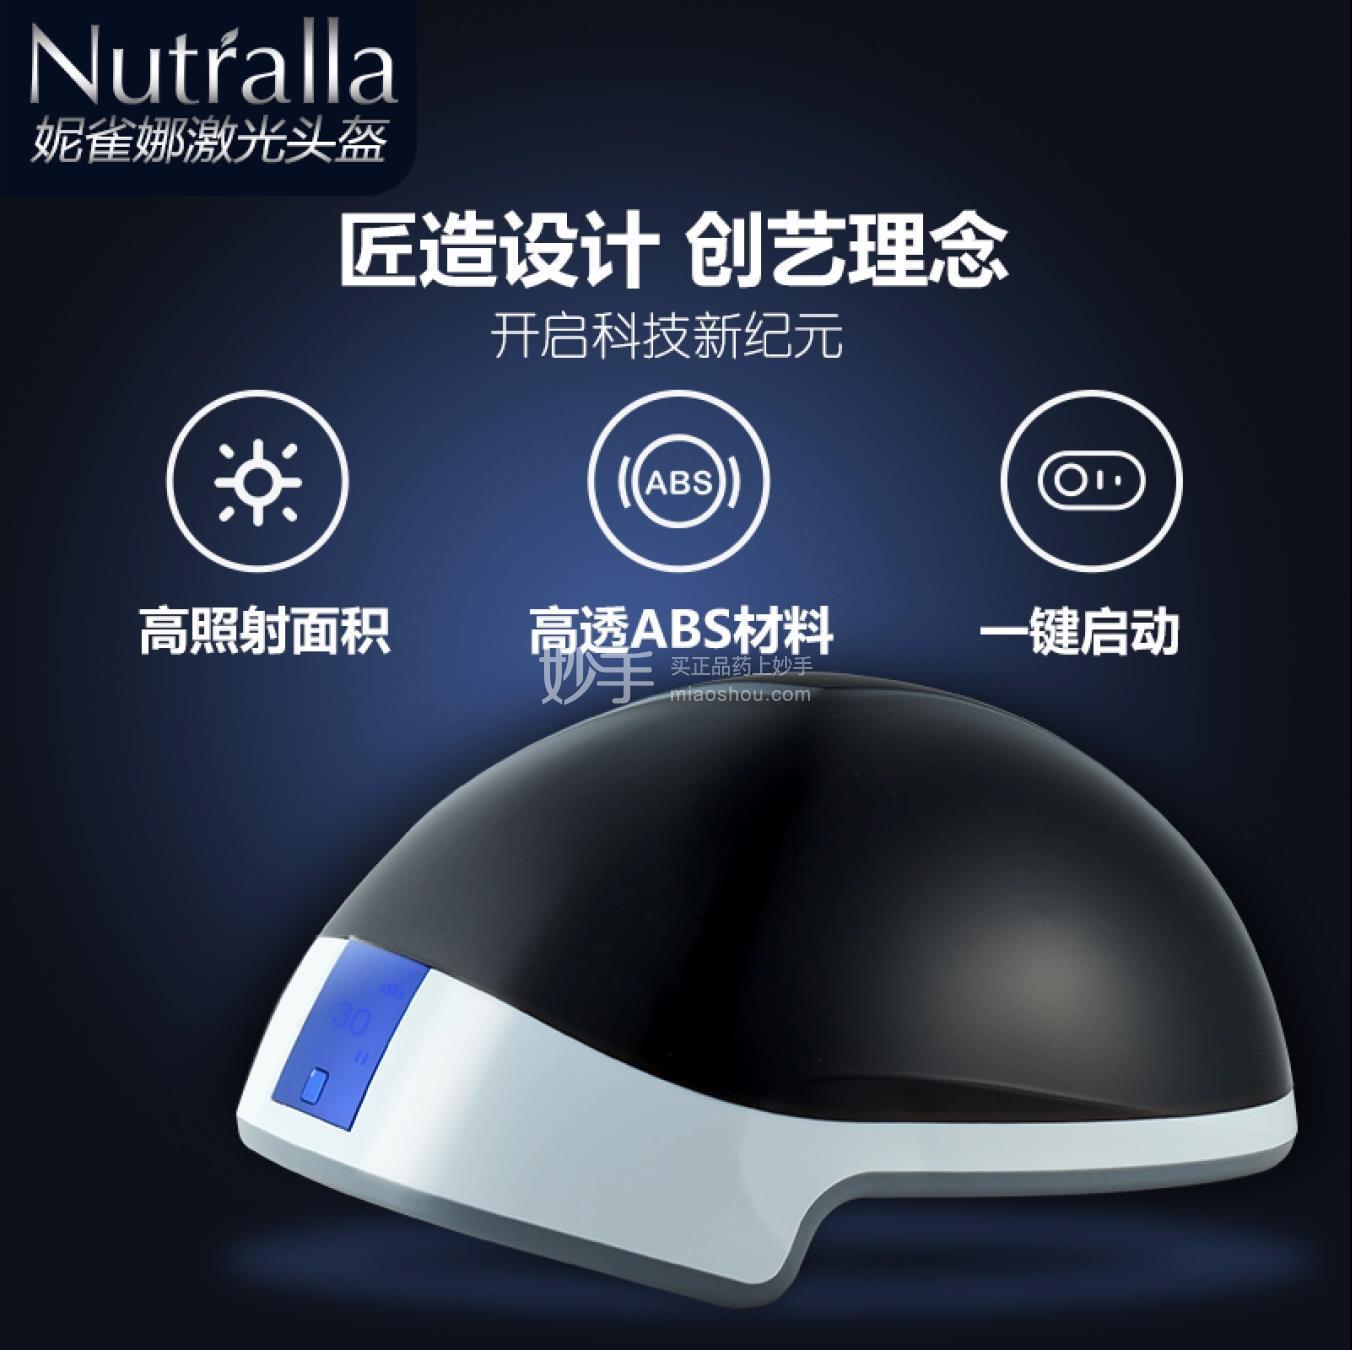 【妮雀娜】(Nutralla) 斯帕克spark激光头盔生发仪器防脱发生发妮雀娜激光生发仪梳头盔120颗 黑色